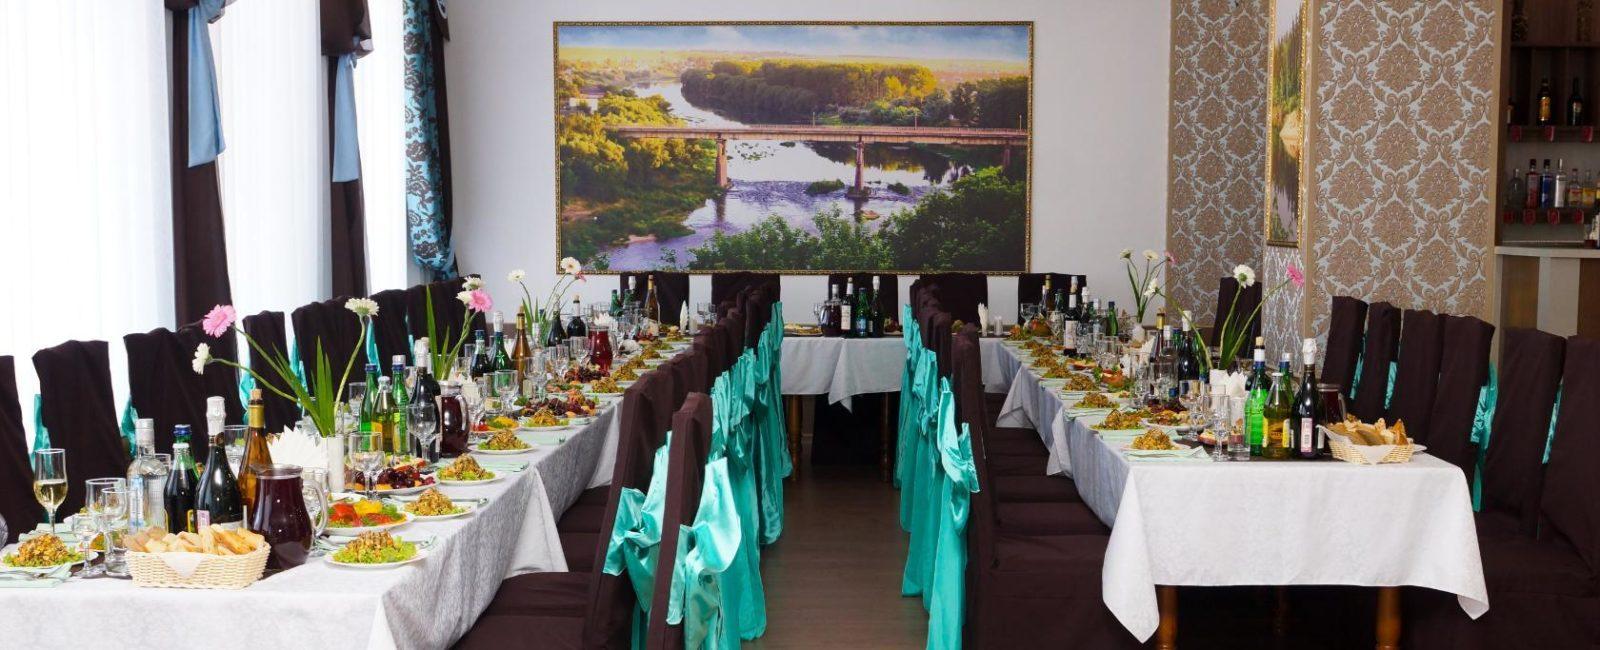 Ресторан Сосна